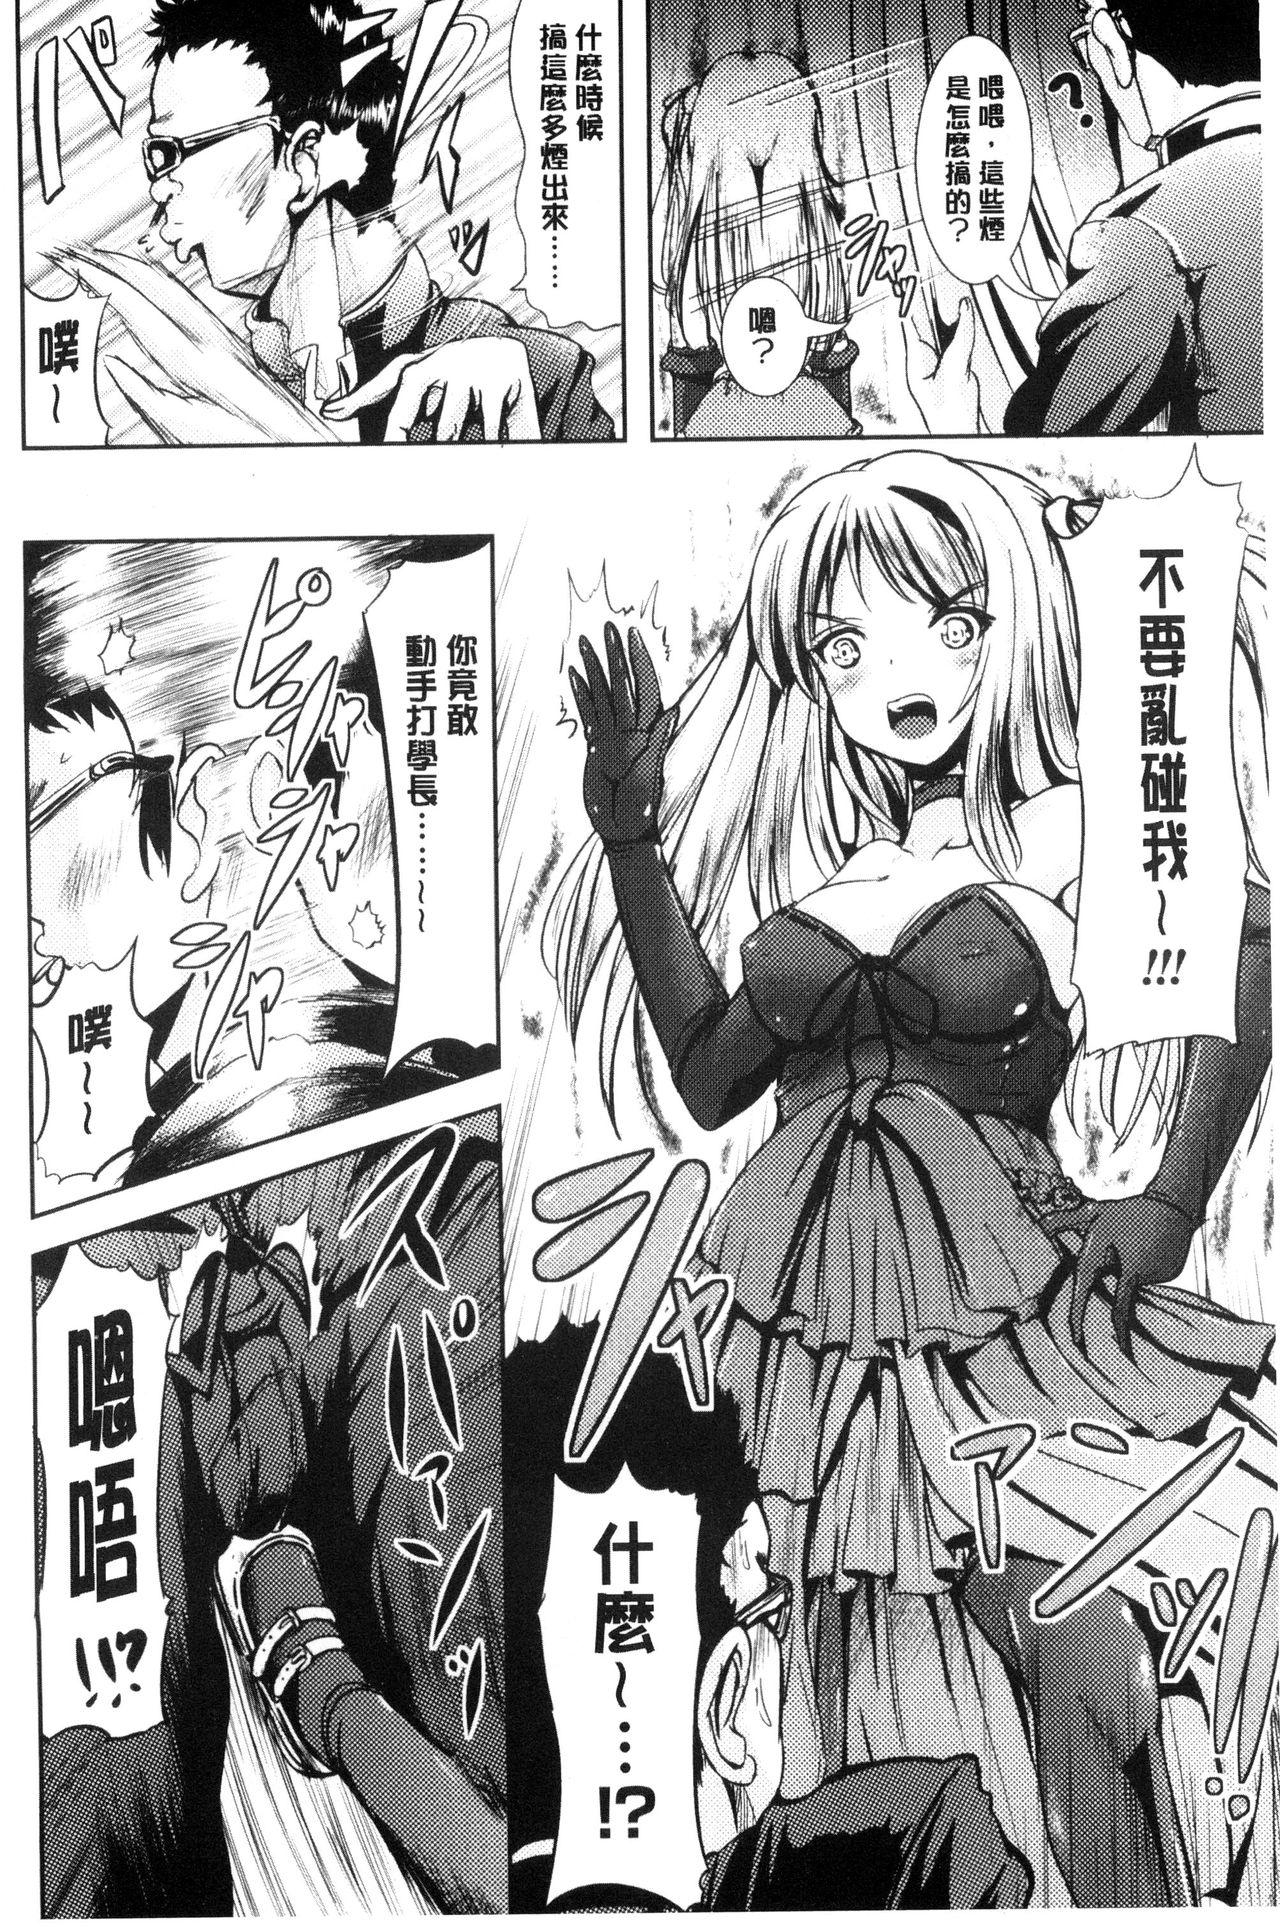 [Marneko] Onnanoko Supple ~Seitenkan Shite Hoken no Jugyou~   女孩子補給品 性轉換之後保健的授業 [Chinese] 43